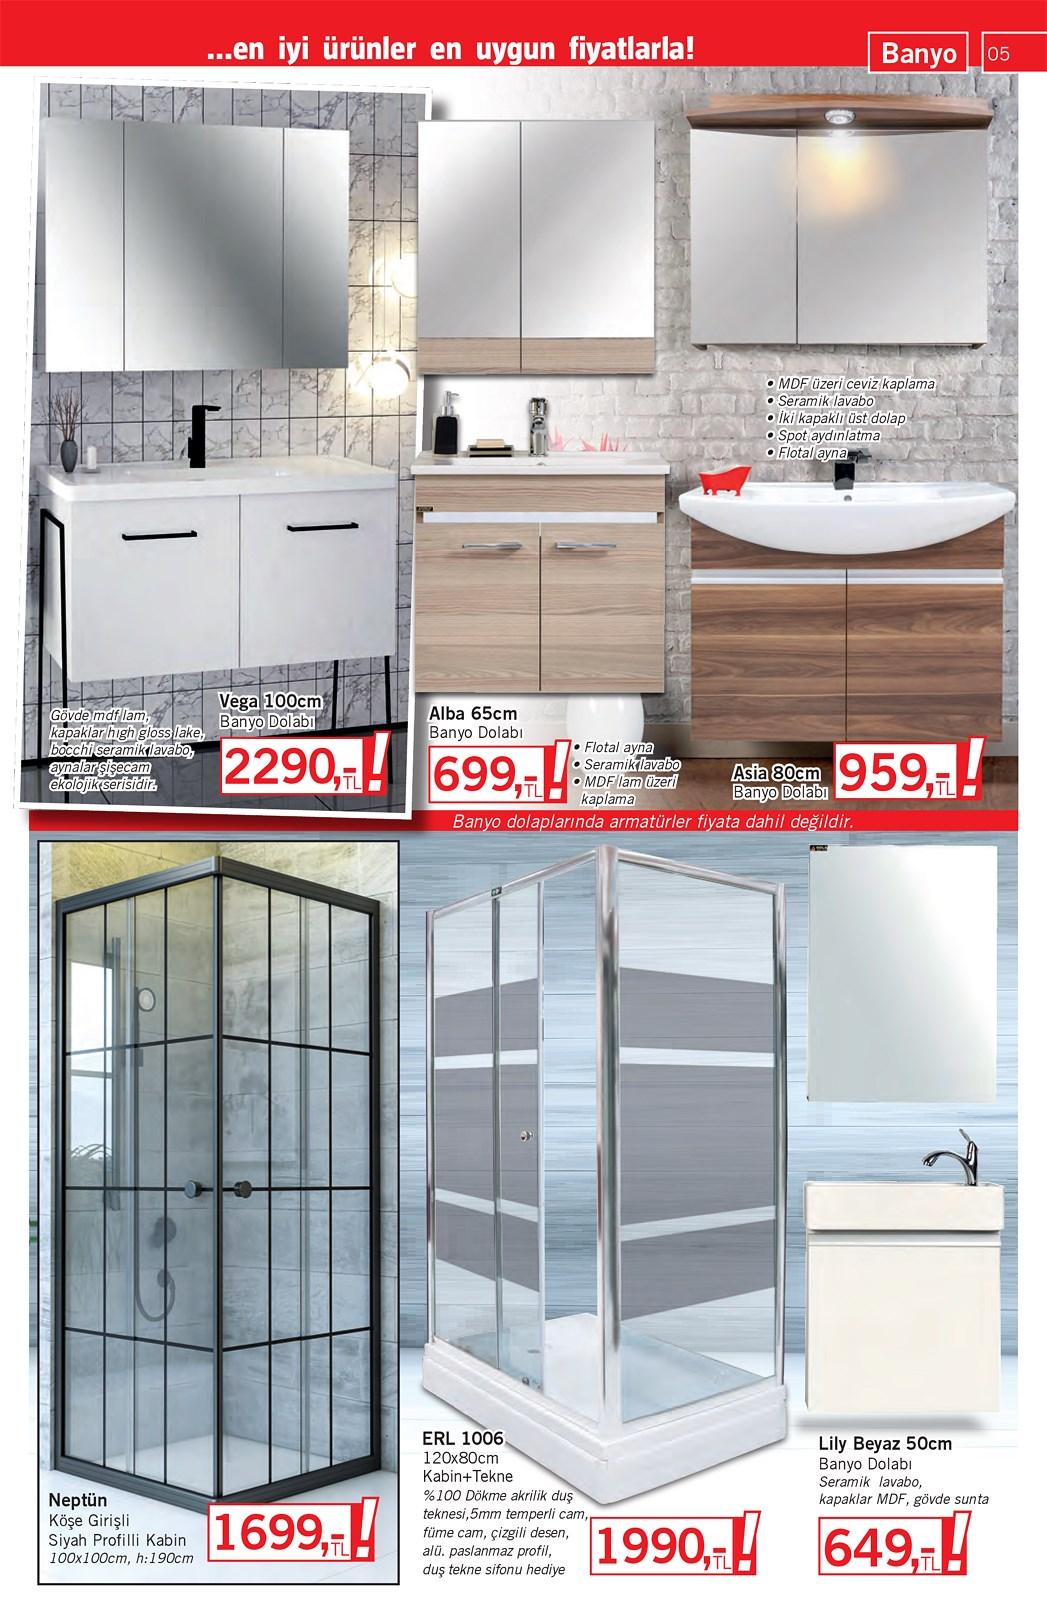 29.05.2021 Bauhaus broşürü 5. sayfa